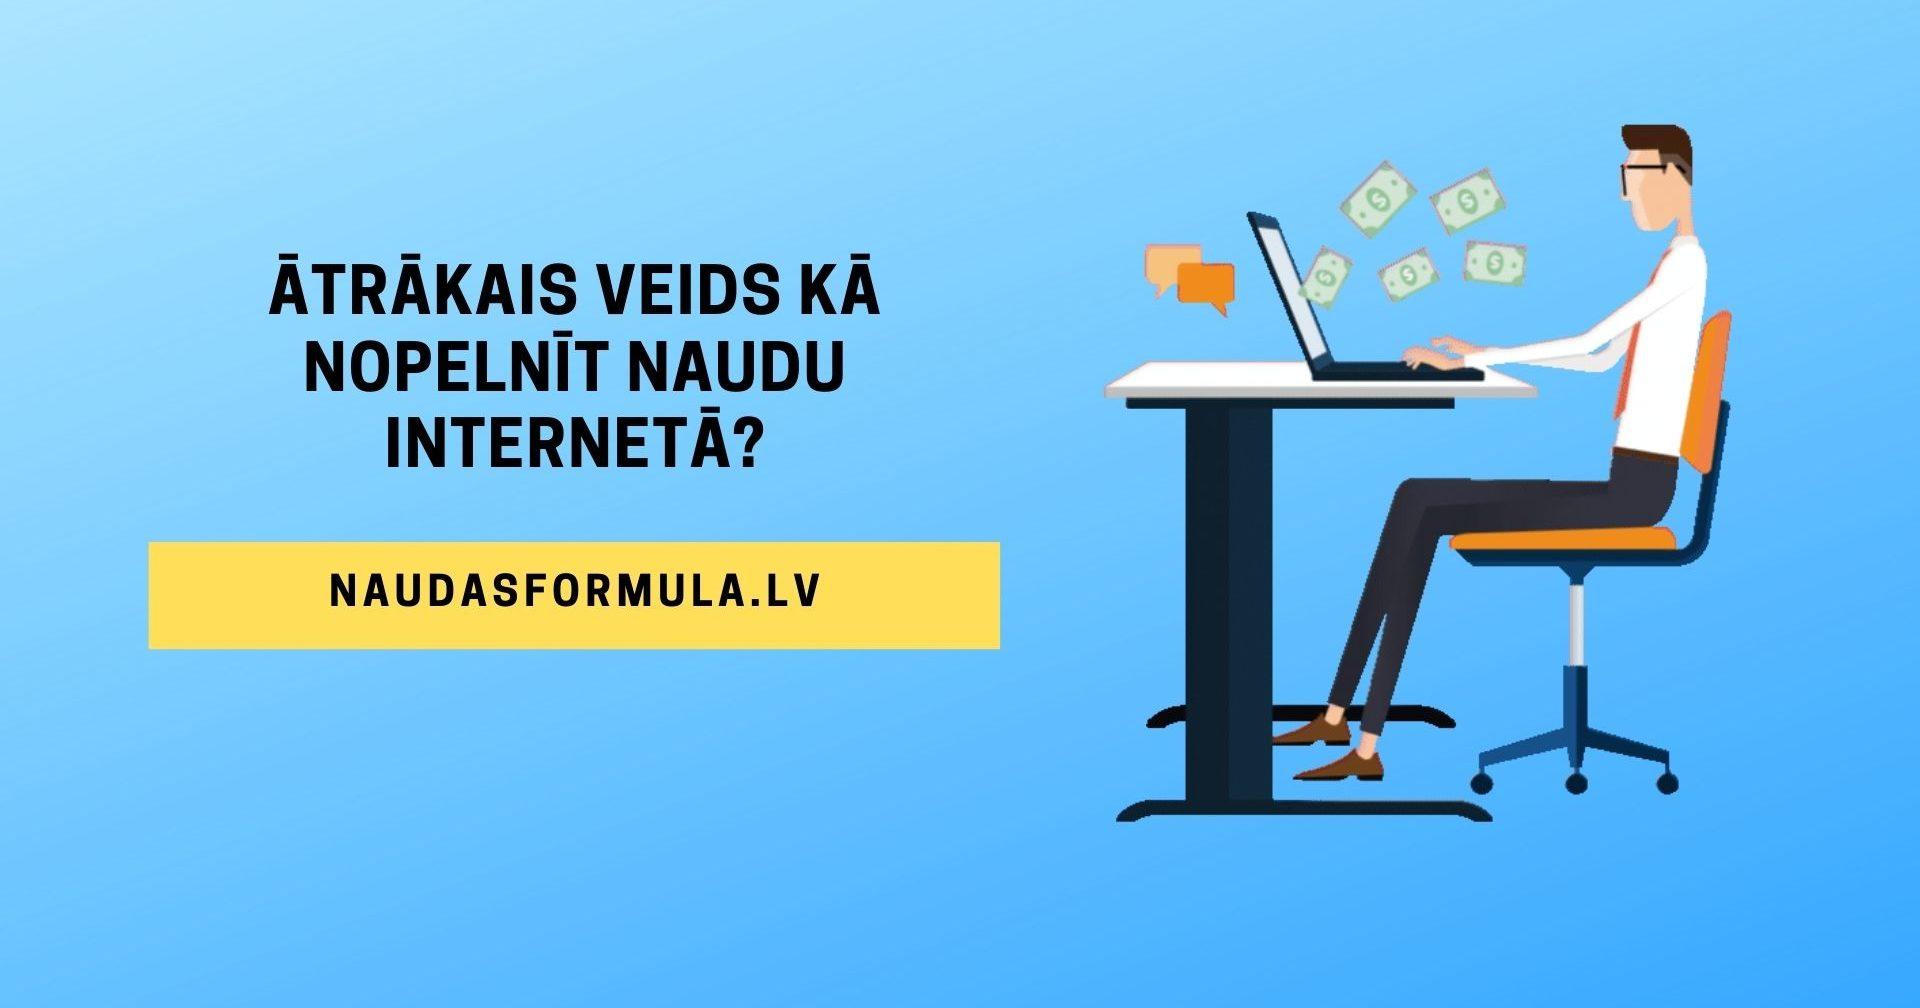 populārākās interneta vietnes, lai nopelnītu naudu